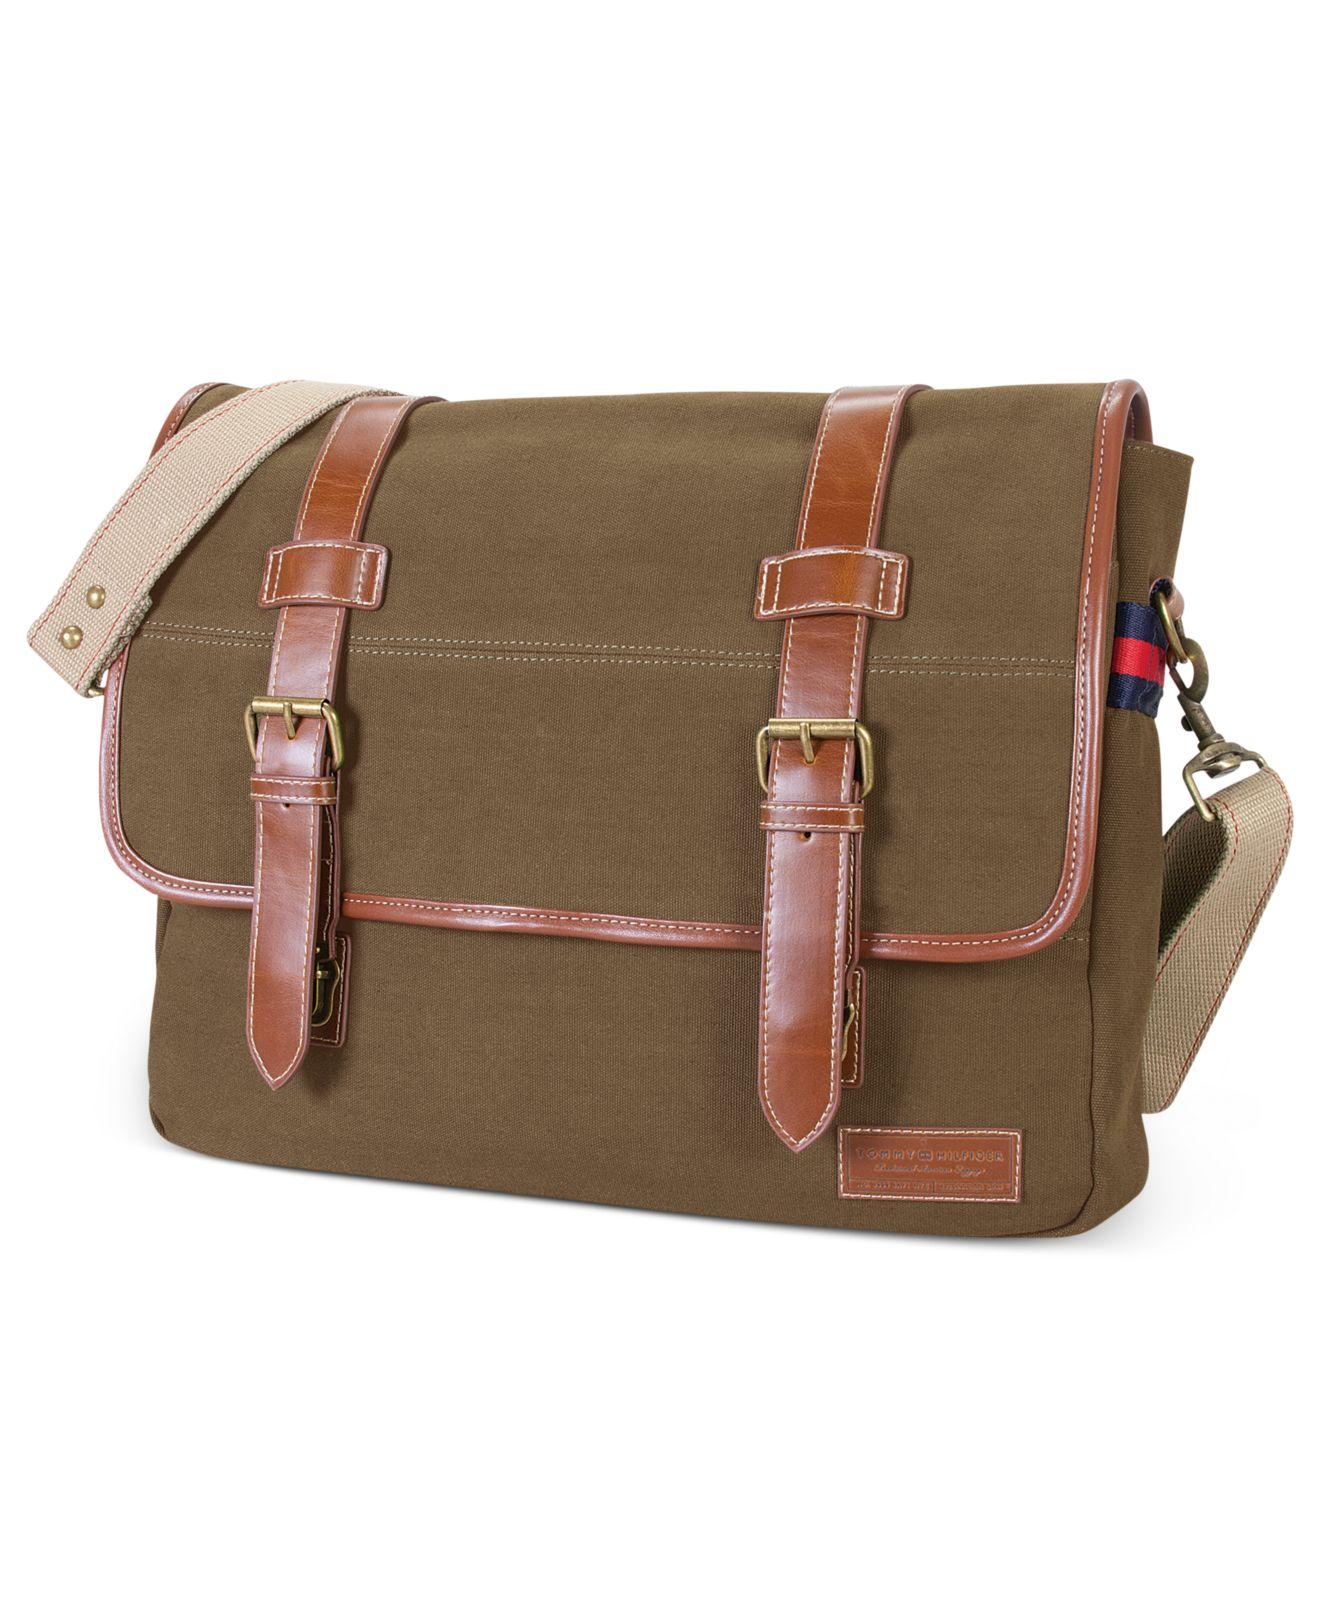 tommy hilfiger east west flapover messenger bag in green. Black Bedroom Furniture Sets. Home Design Ideas